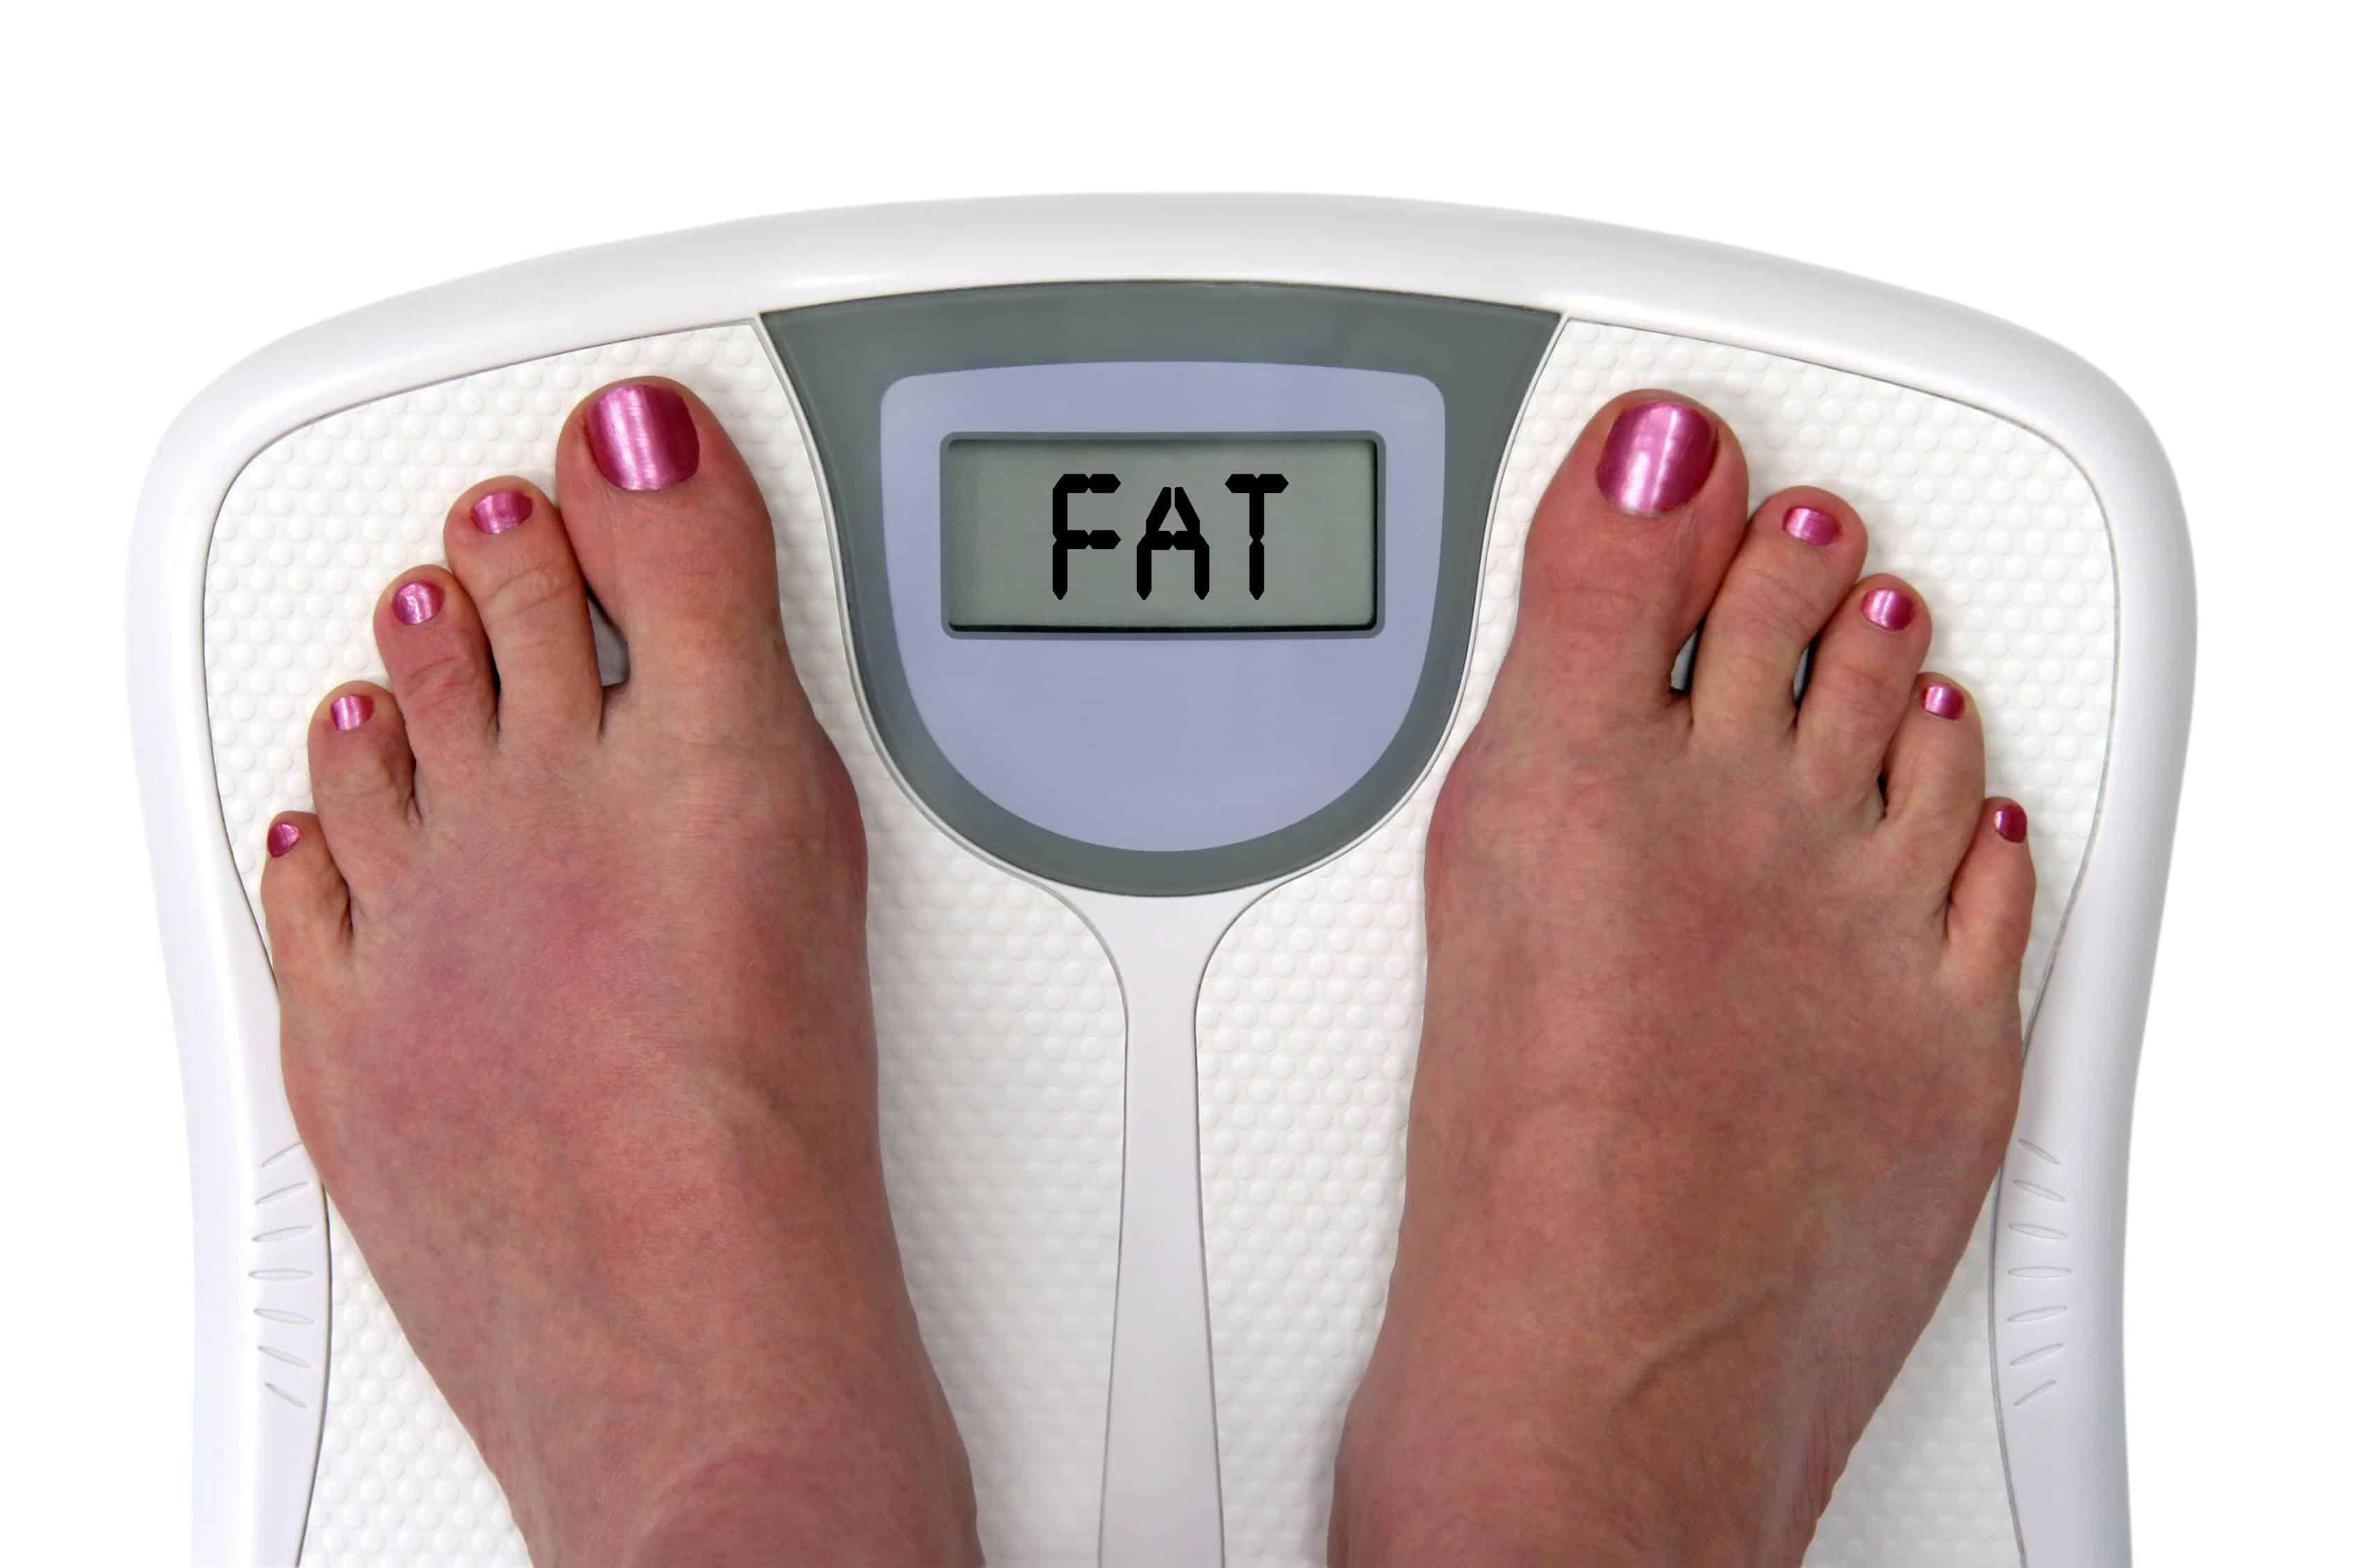 Лишний вес как похудеть мужчине  Теги  Mens Health Россия